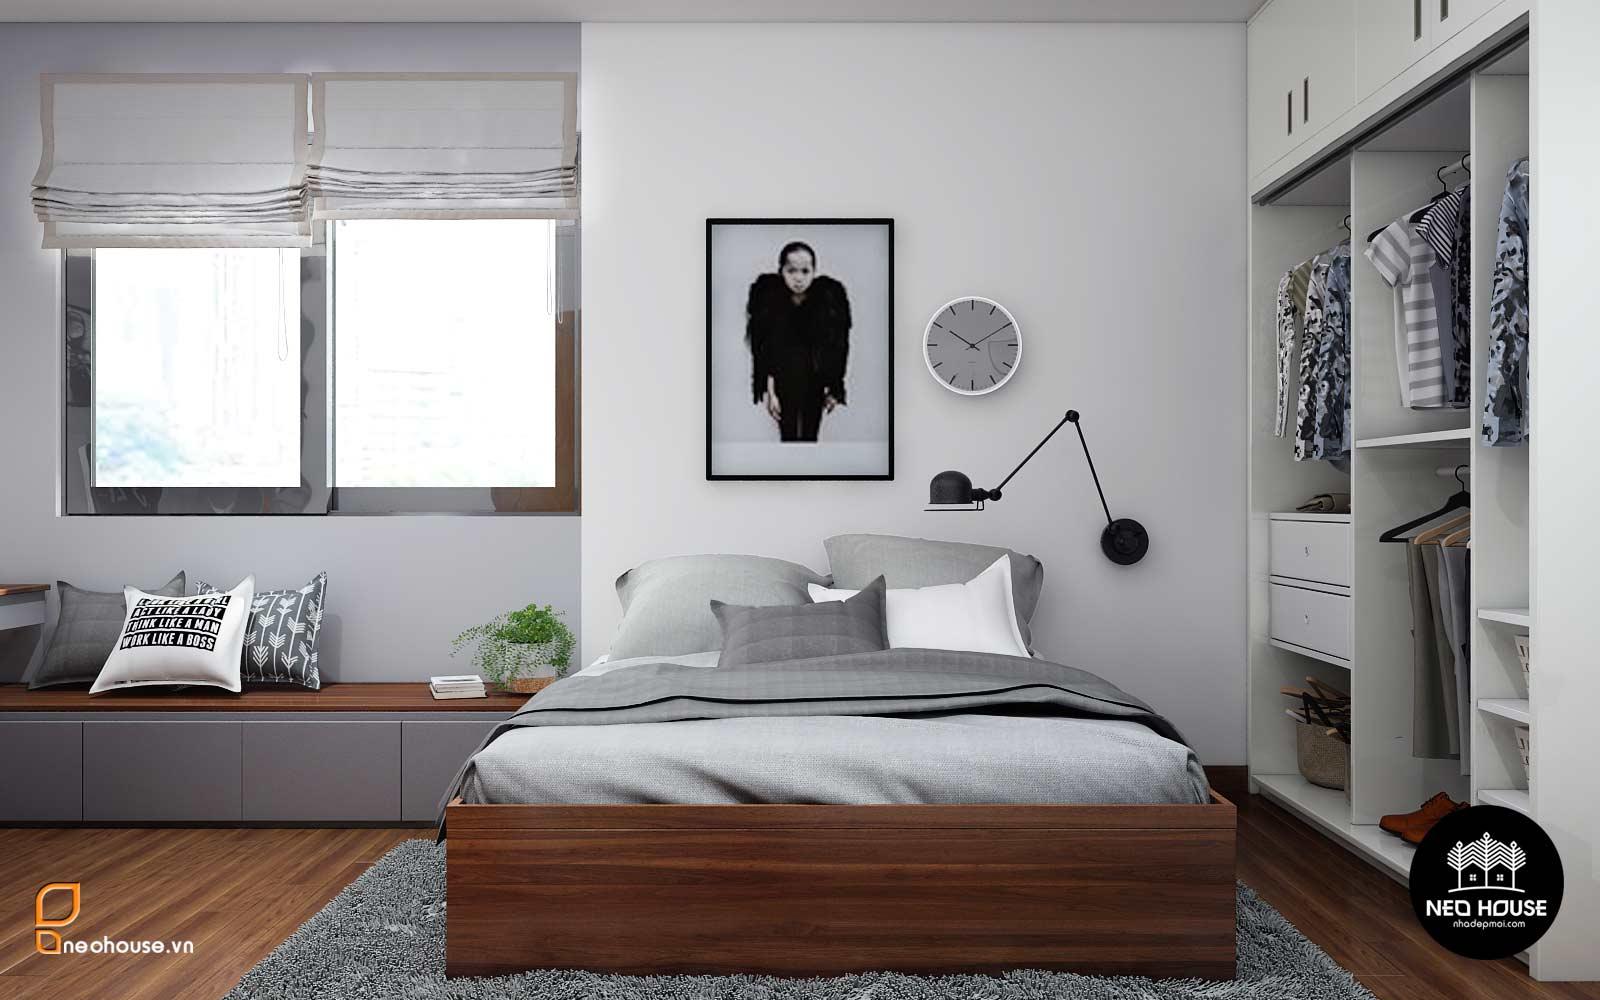 thiết kế nội thất phòng ngủ bé trái neohouse